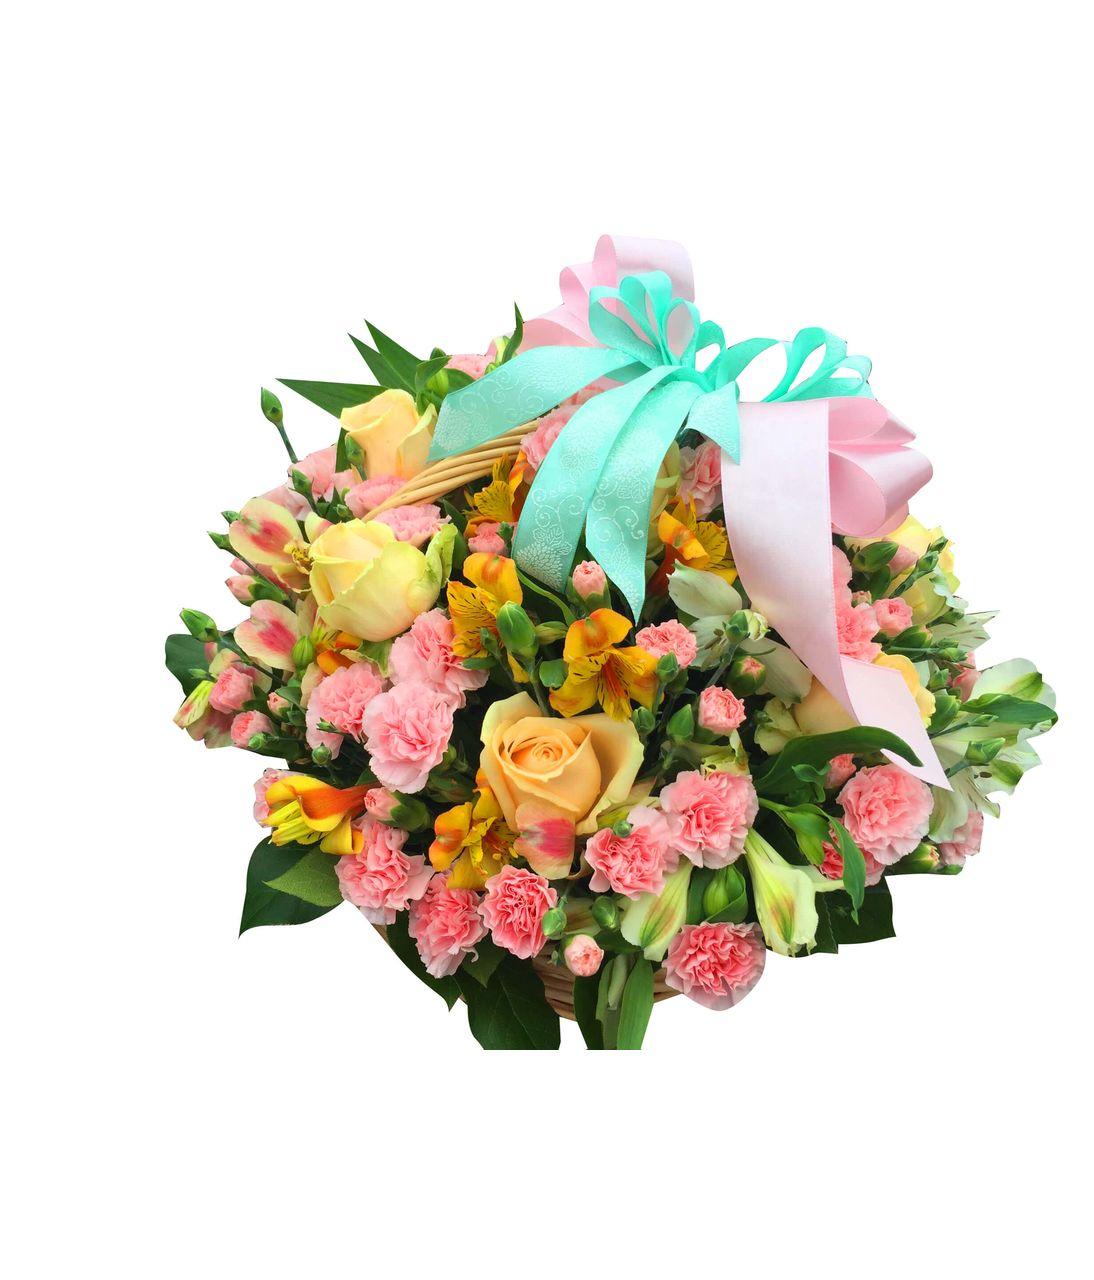 """Кошик з квітами """"Сонячна Фея"""". Superflowers.com.ua"""